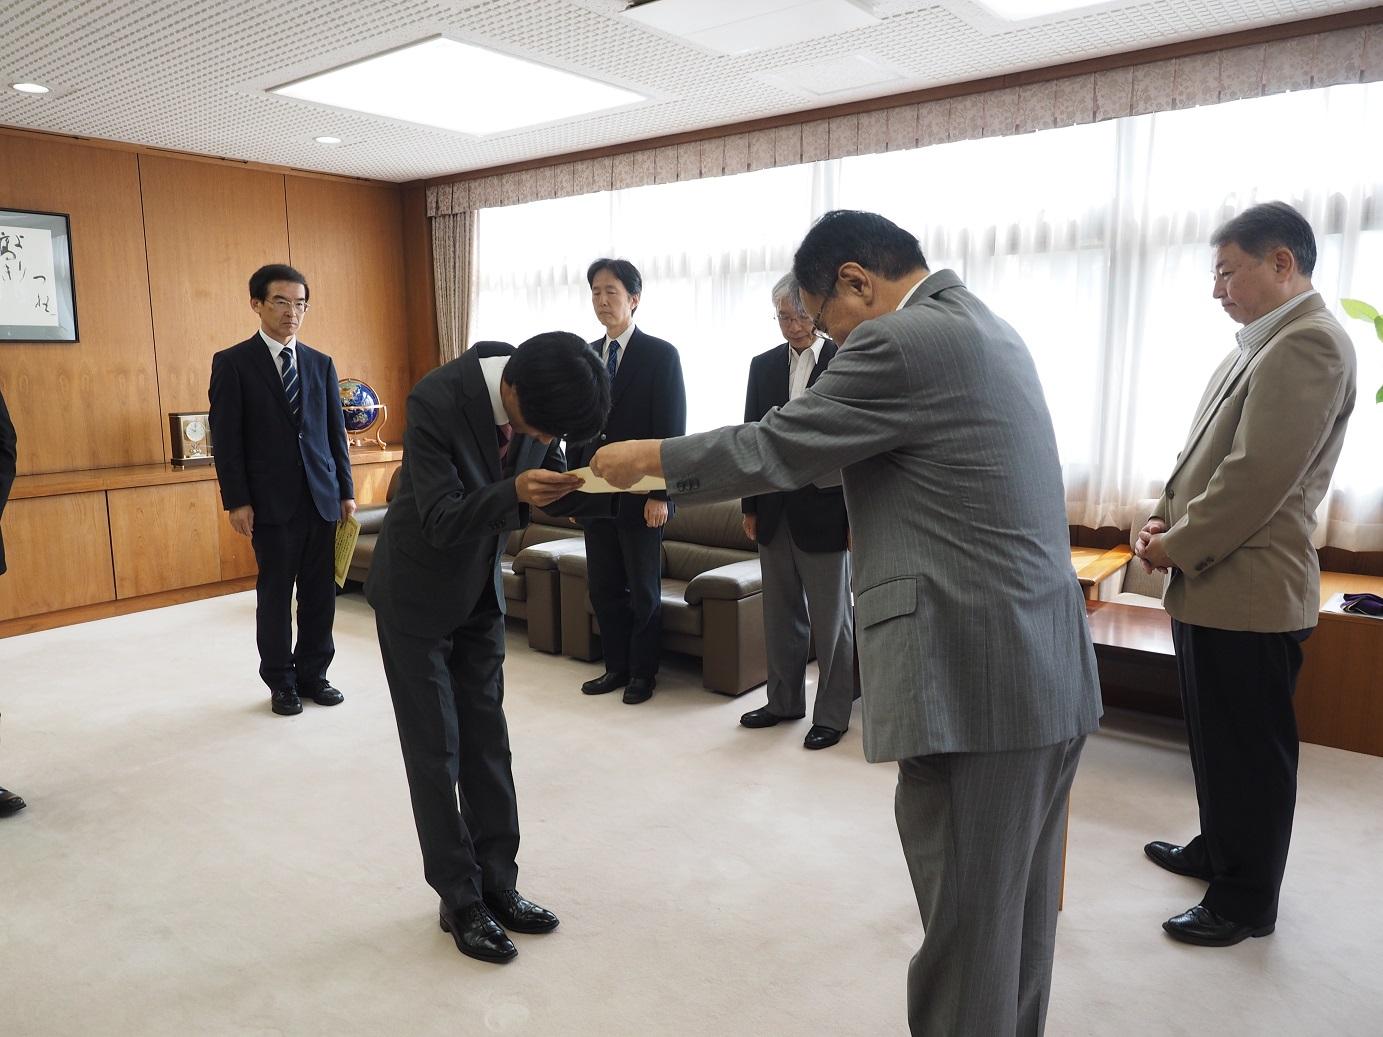 日本学術振興会より3名の教員が表彰されました